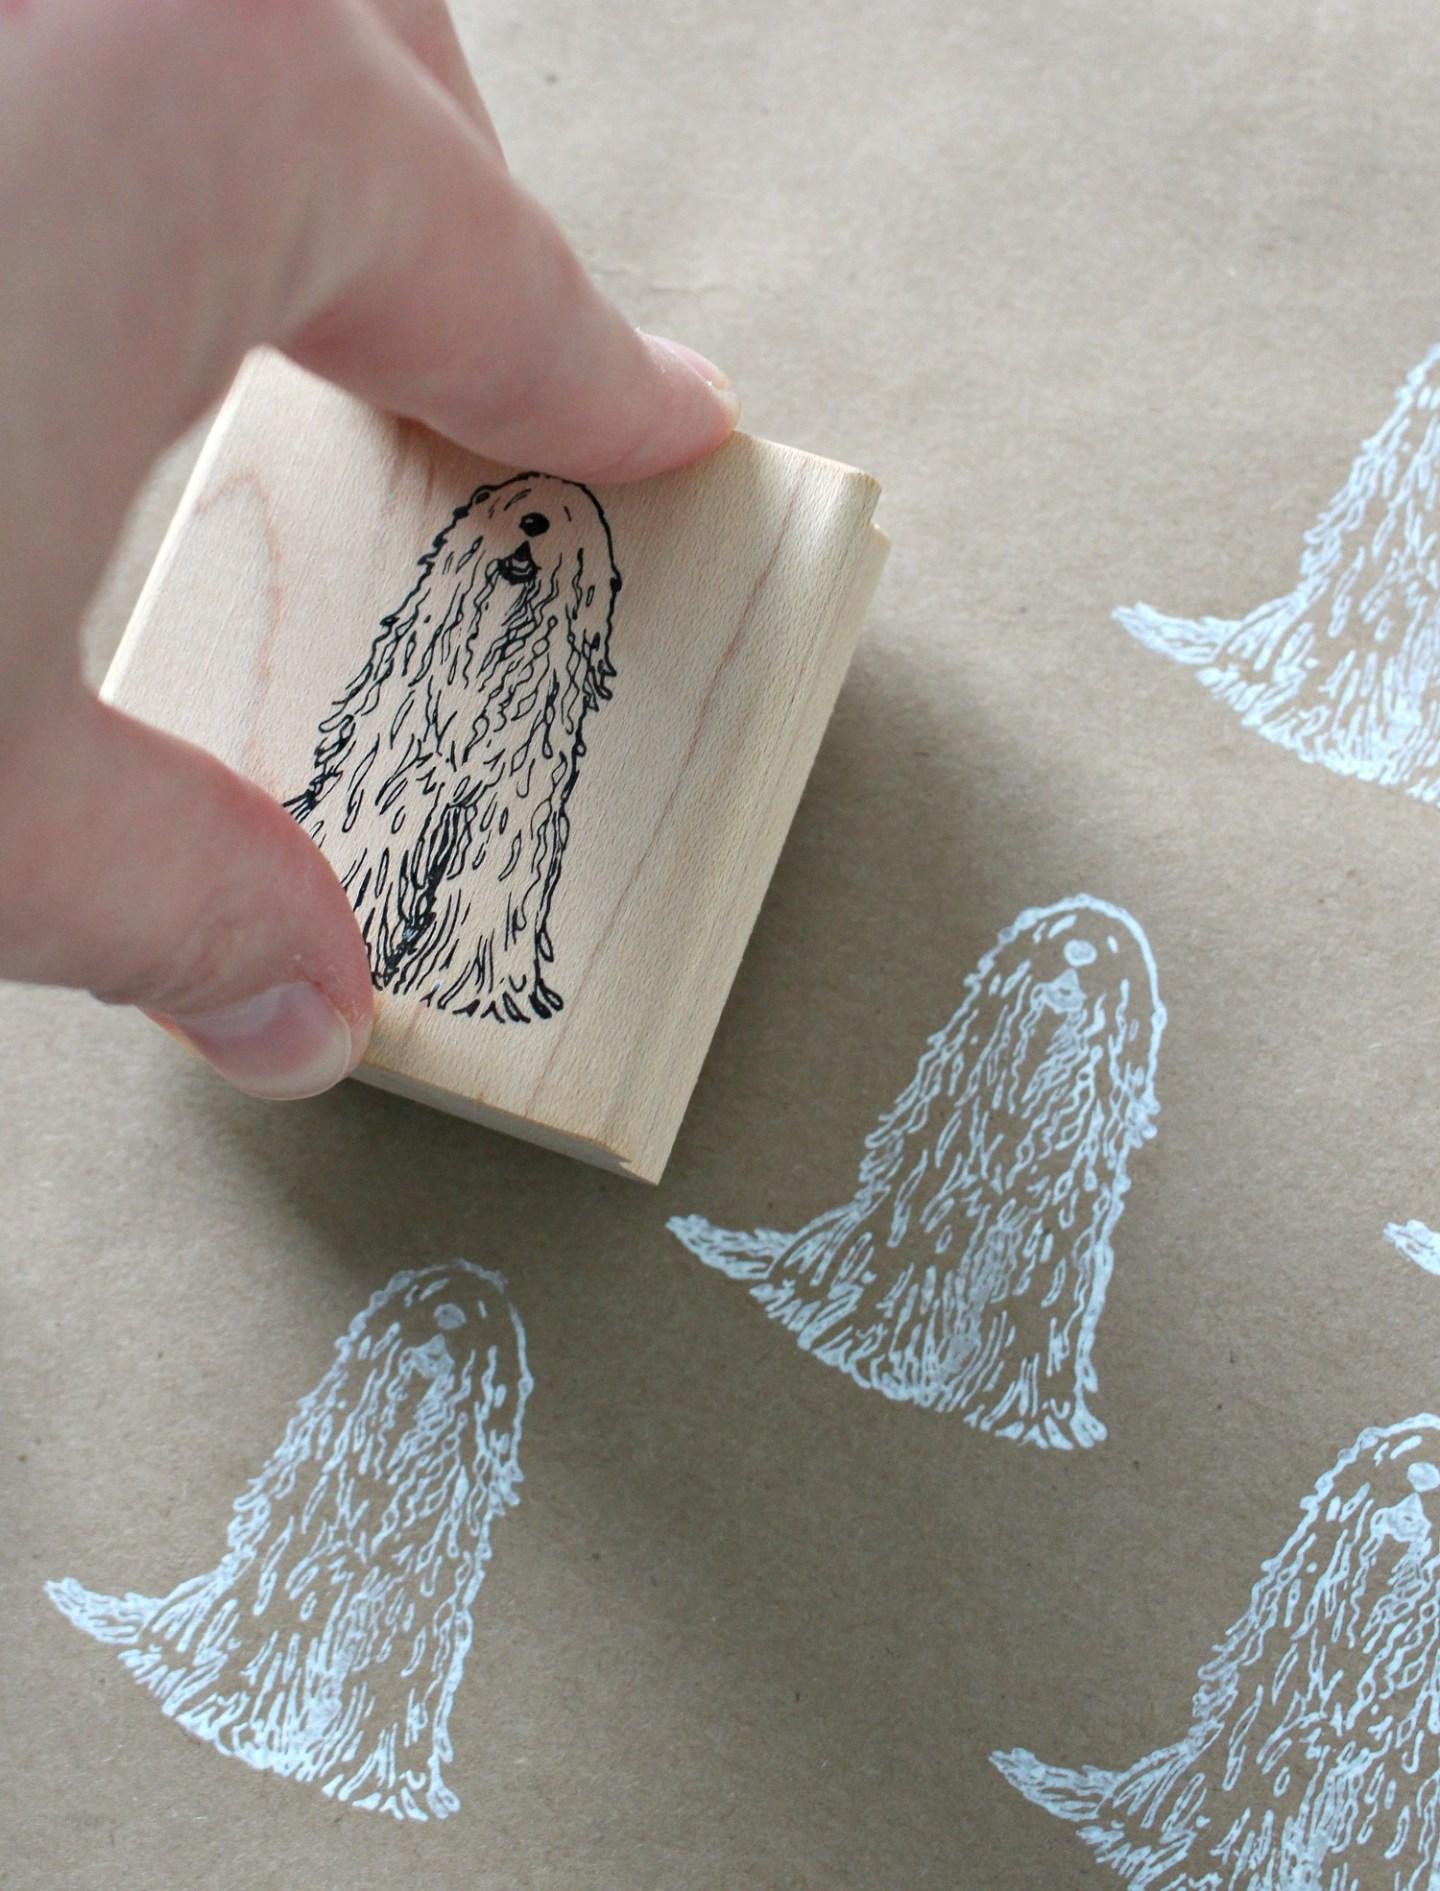 Komondor Printed Wrapping Paper